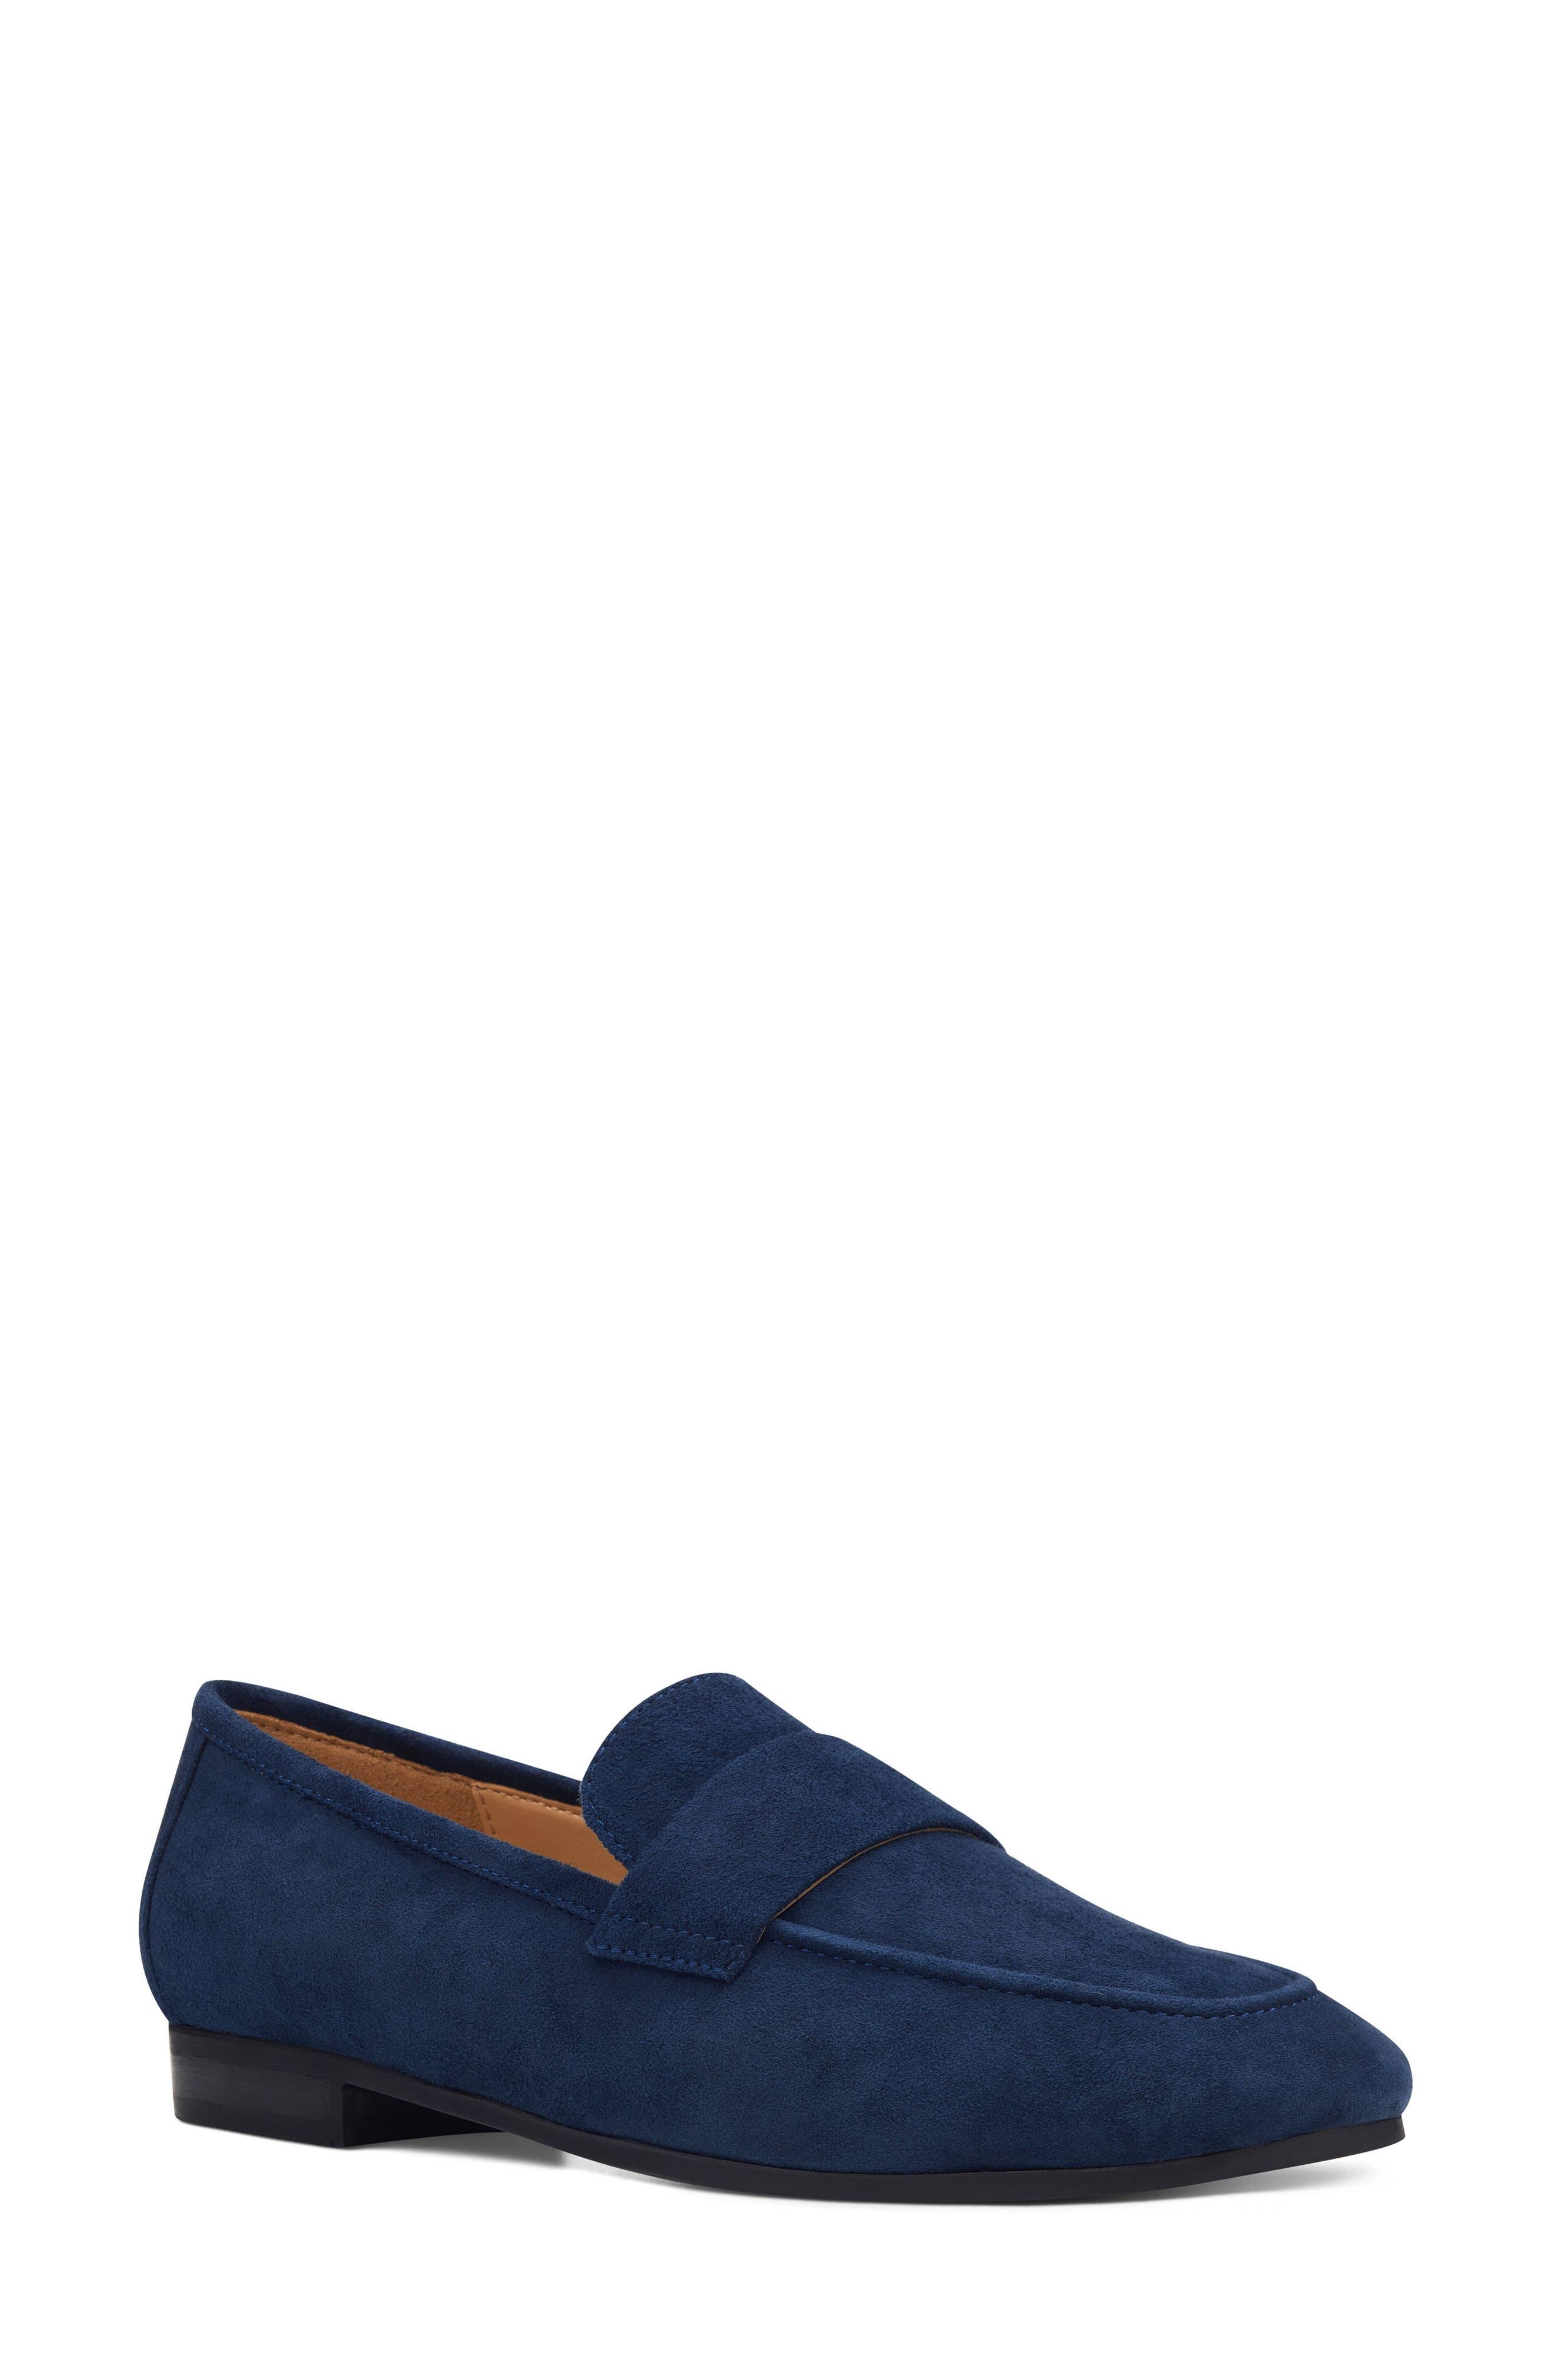 Nine West Admire Loafer, Blue